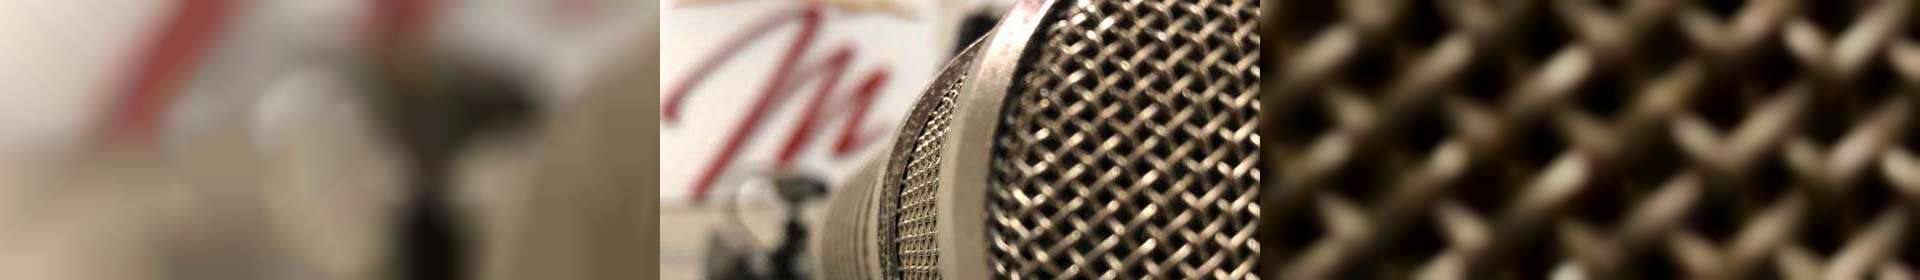 Entrevistas Rádio Maanaim - Atualizações sobre igrejas em localidades do Brasil e Exterior